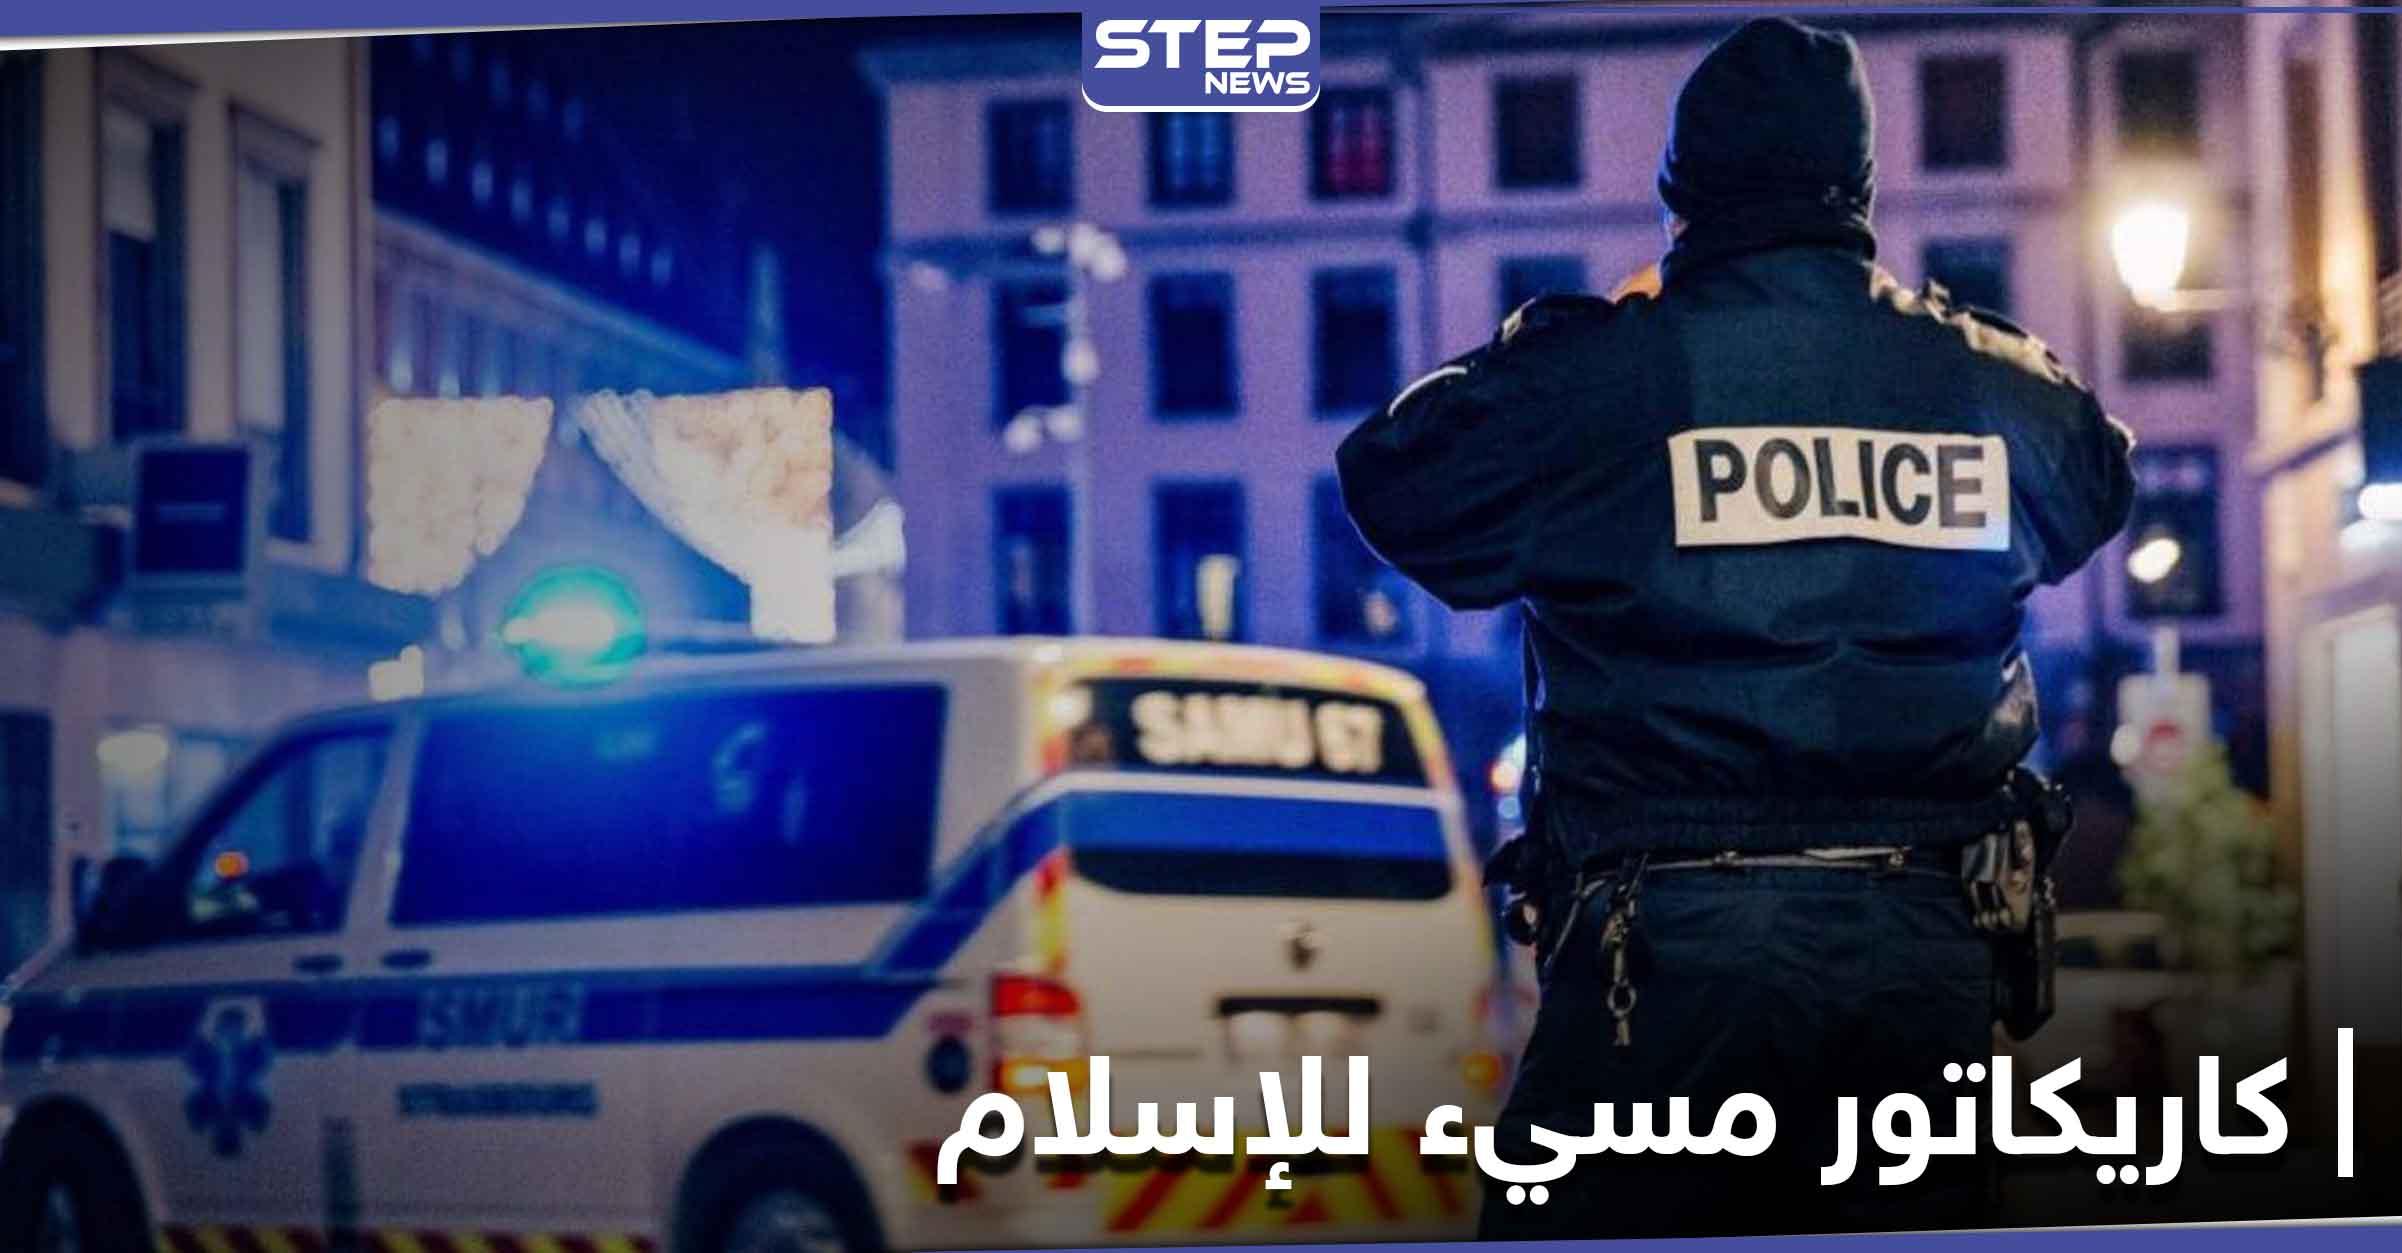 """طالب """"ينحر"""" معلمه في فرنسا بعد سخريته من النبي محمد بعرض رسوم كاريكاتورية وماكرون يعلّق"""